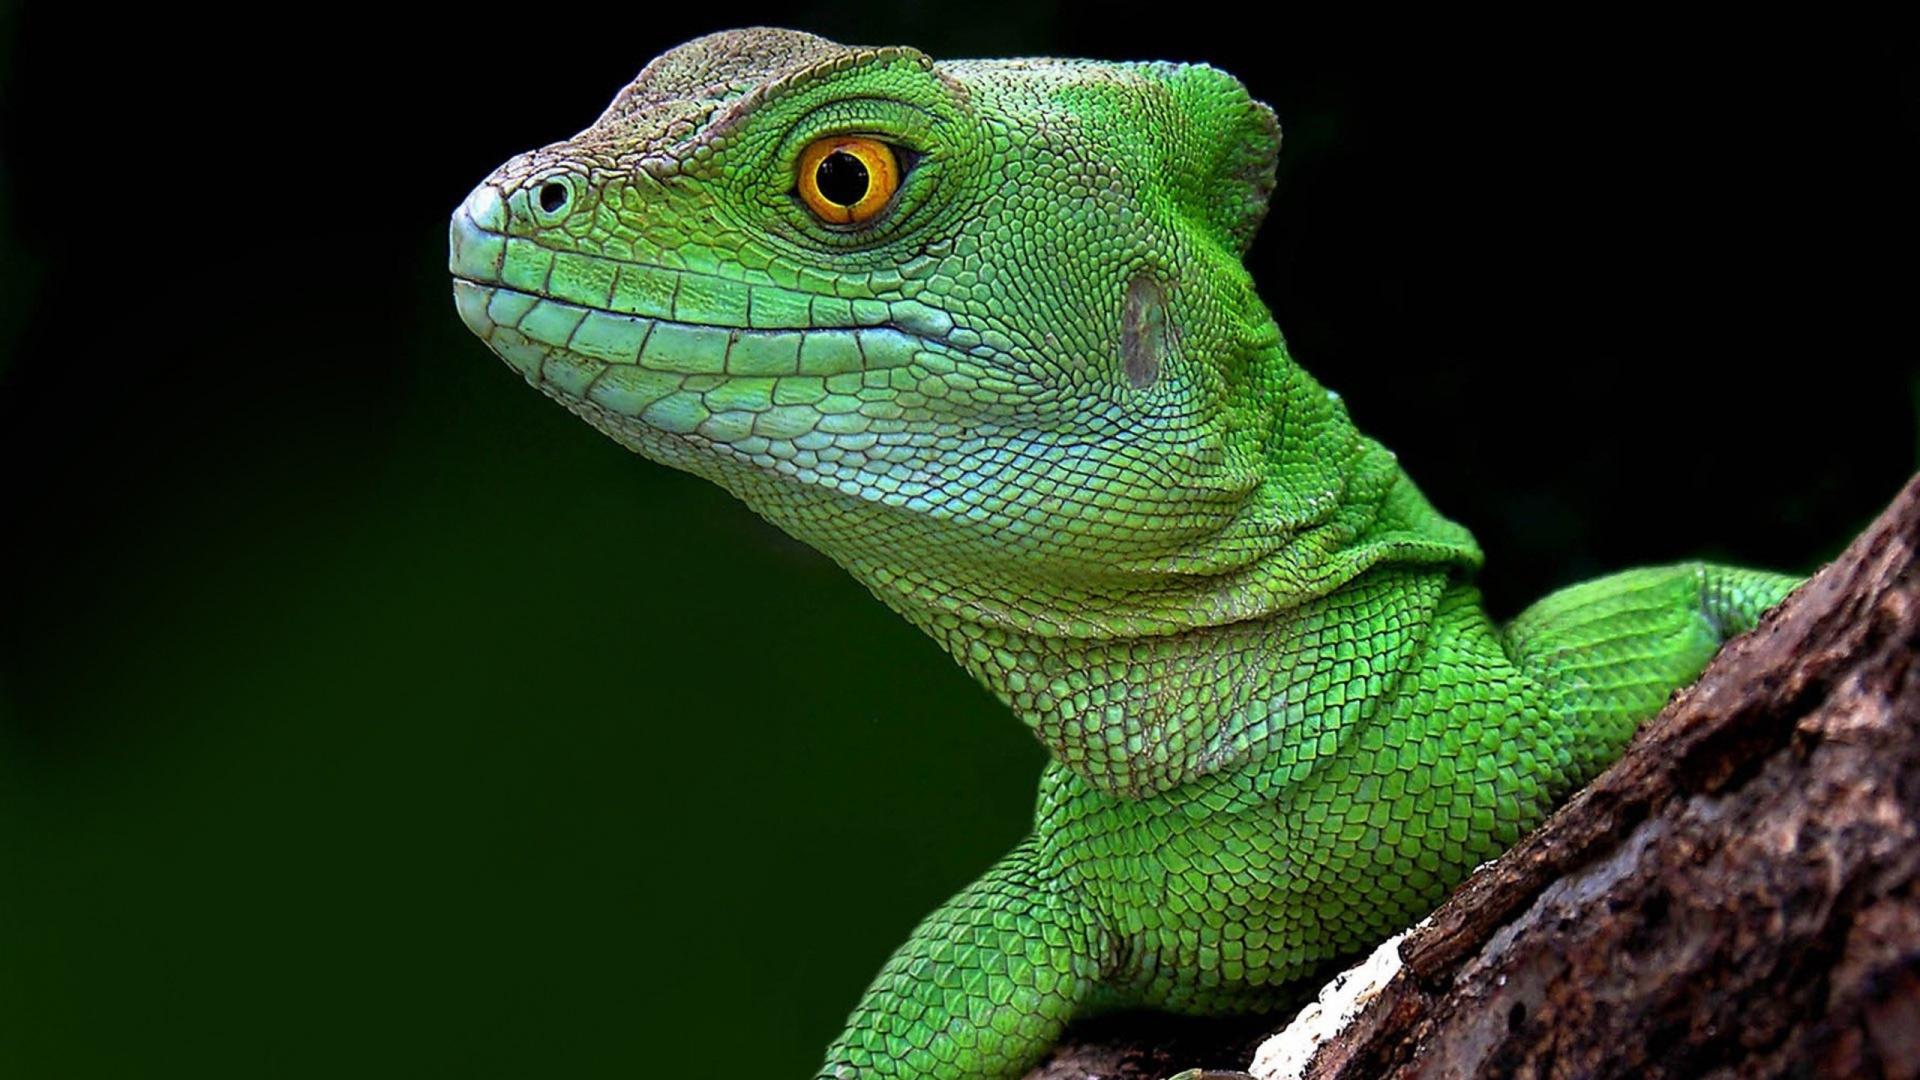 Lizard head photo